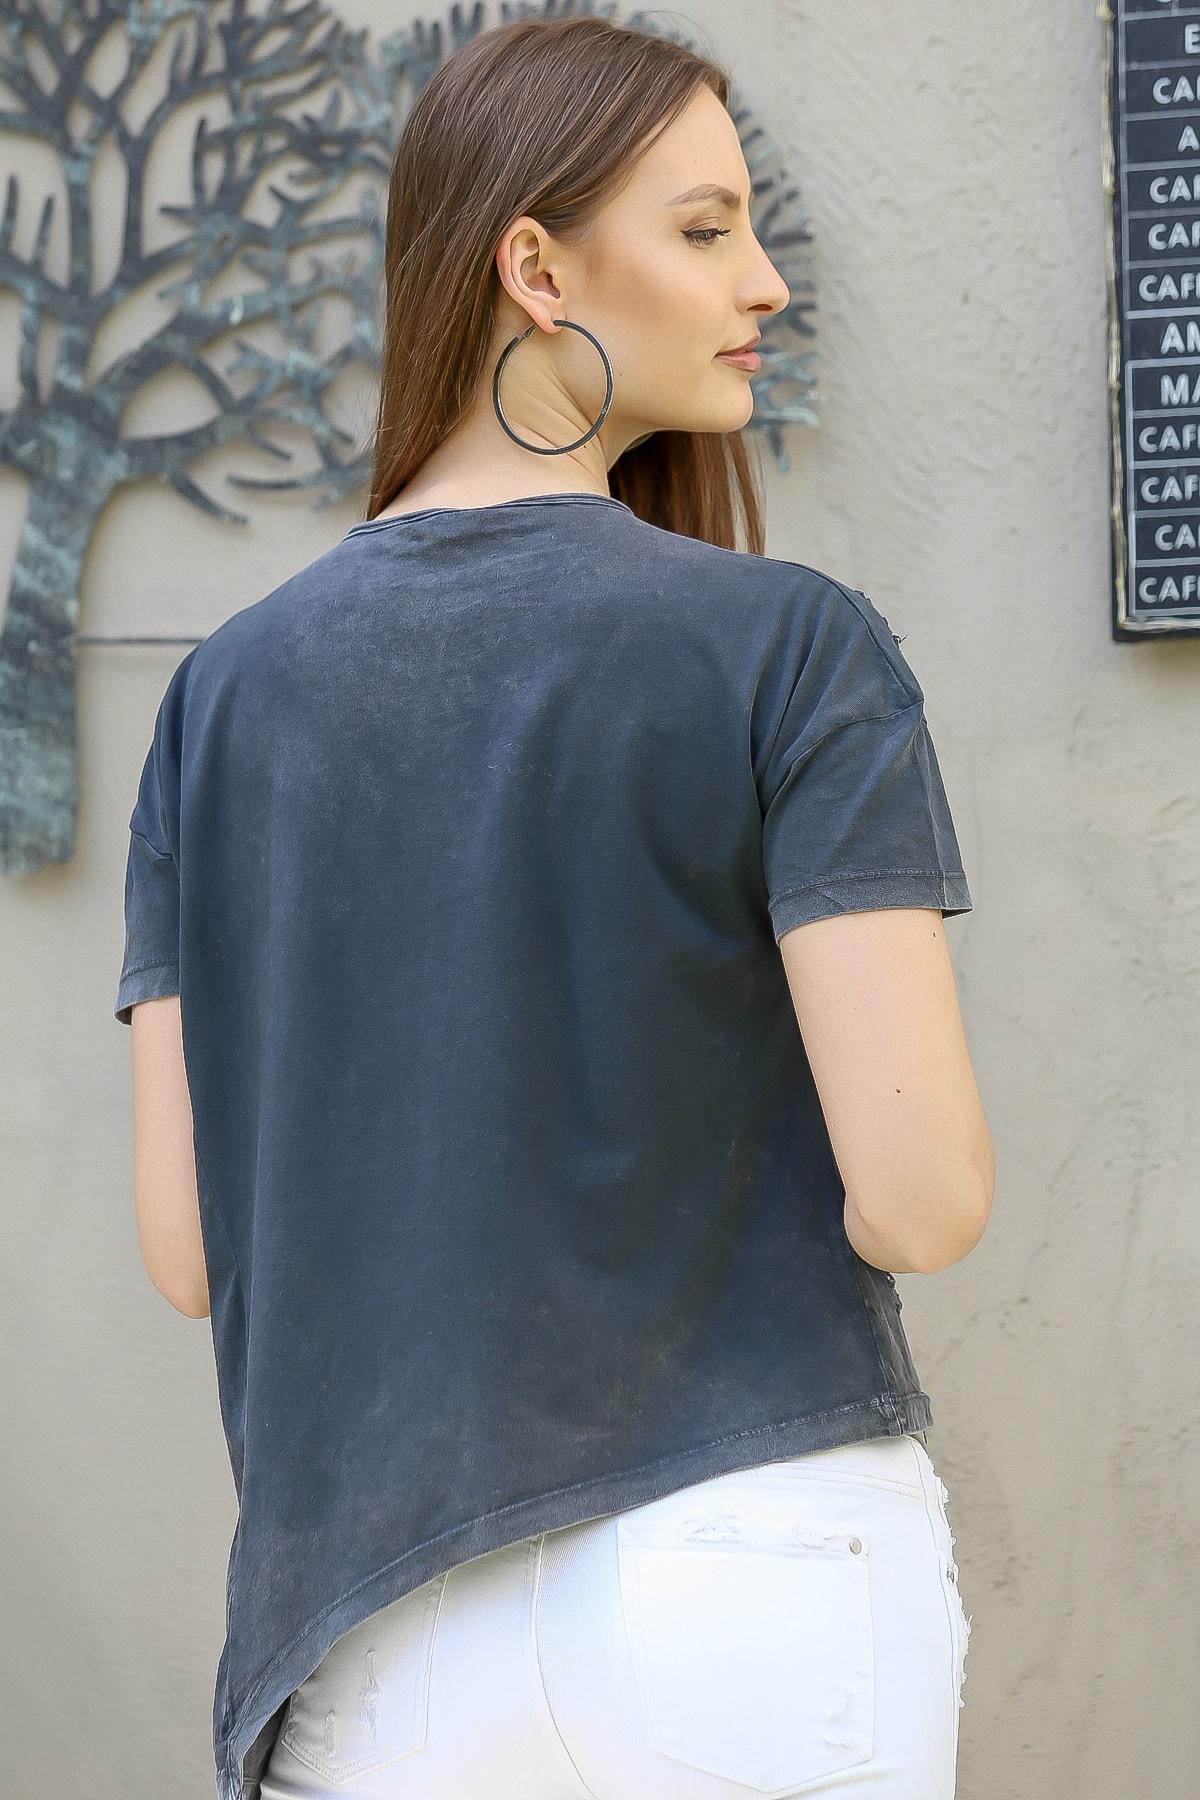 Chiccy Kadın Antrasit Love Kalp Baskılı Lazer Kesimli Asimetrik Yıkamalı T-Shirt M10010300TS98245 4